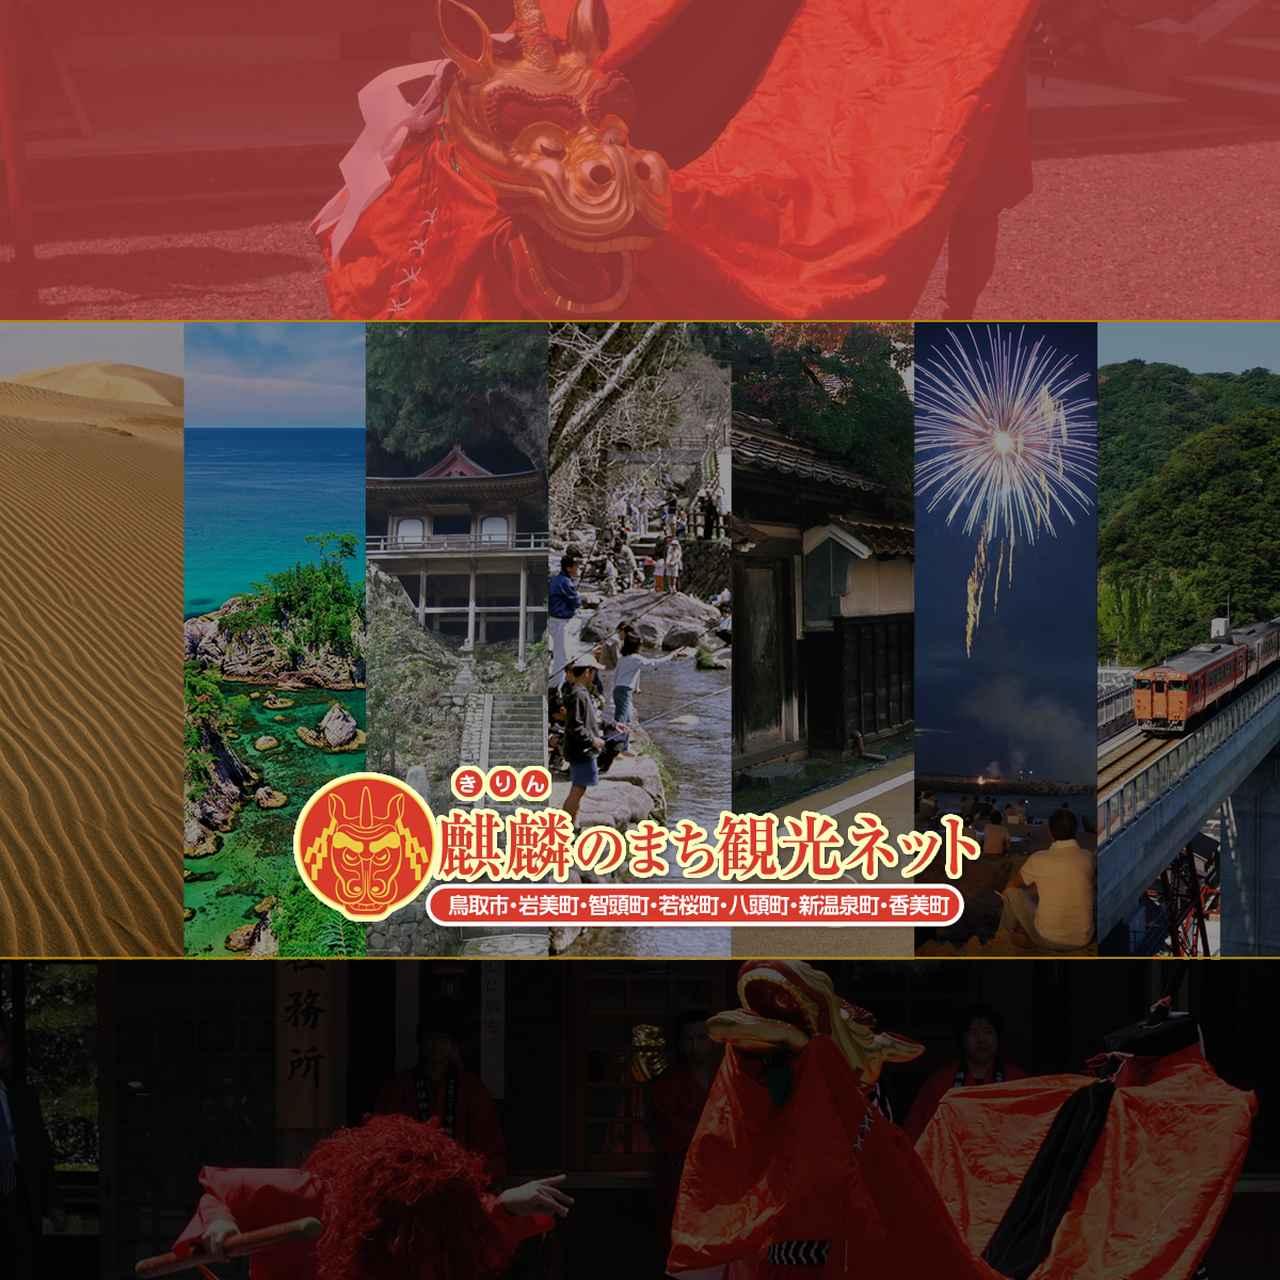 画像: [隼駅祭り(隼ライダー聖地!鳥取県八頭町「隼駅特集」)]麒麟のまち観光ネット